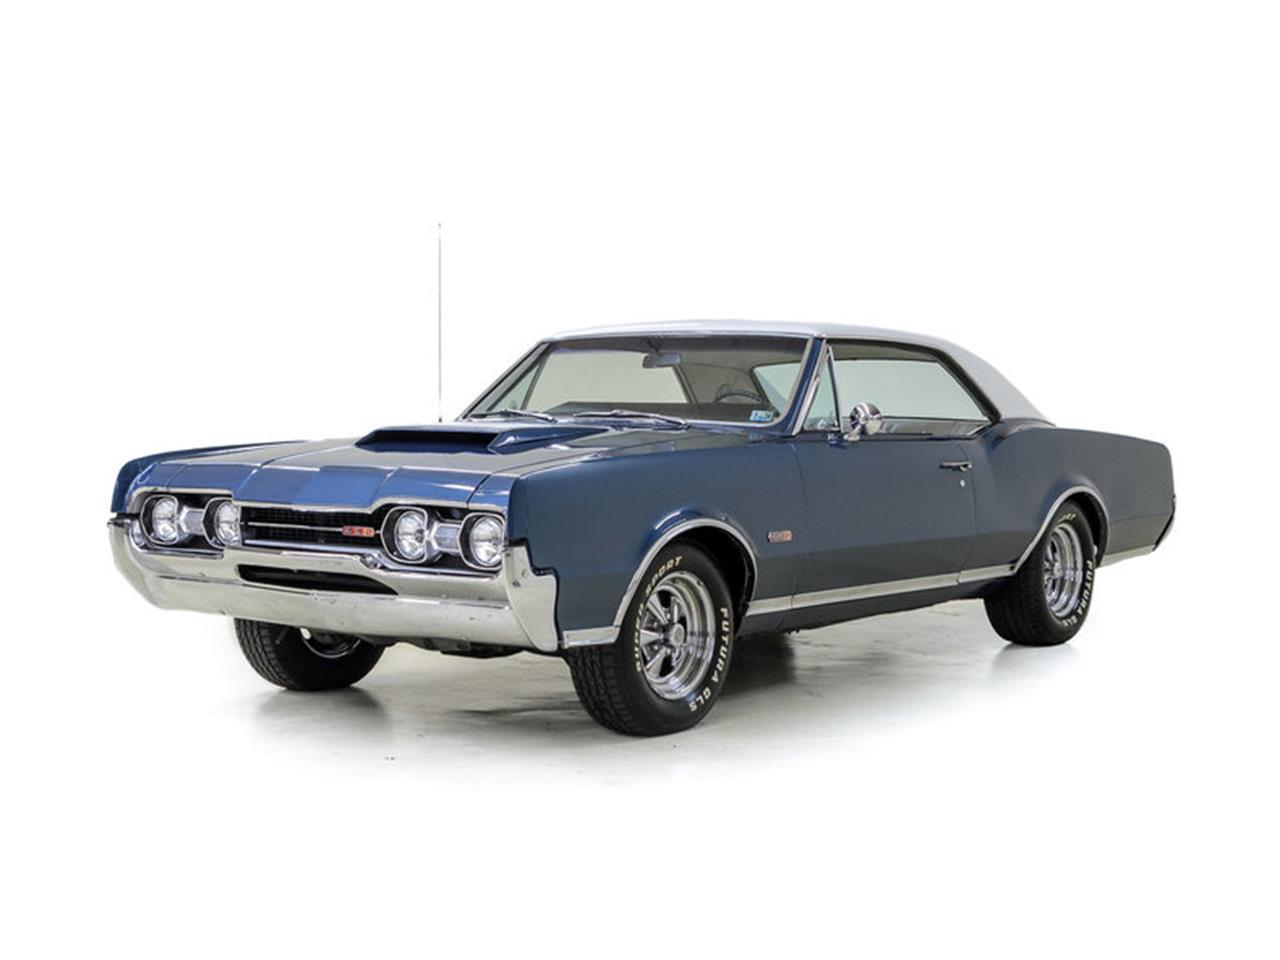 For Sale: 1967 Oldsmobile Cutlass in Concord, North Carolina